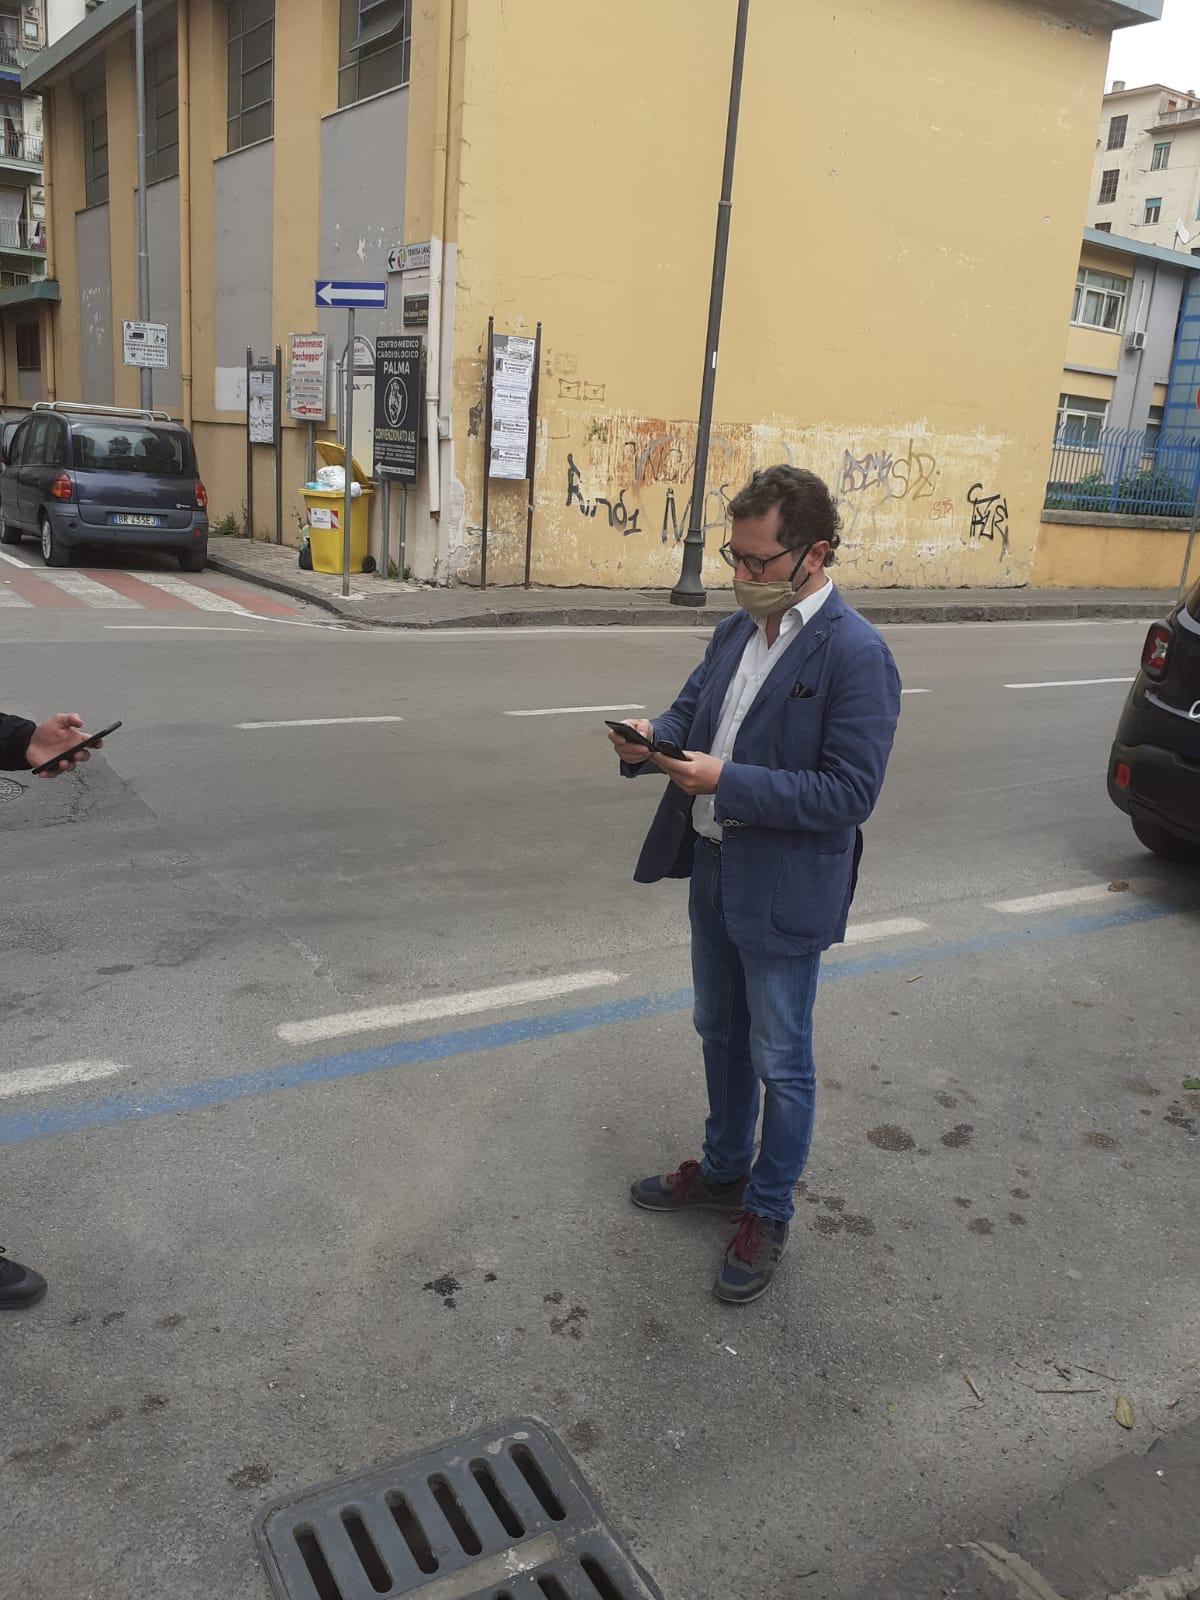 Nocera Inferiore – Borrelli, il politico a difesa di ogni cittadino